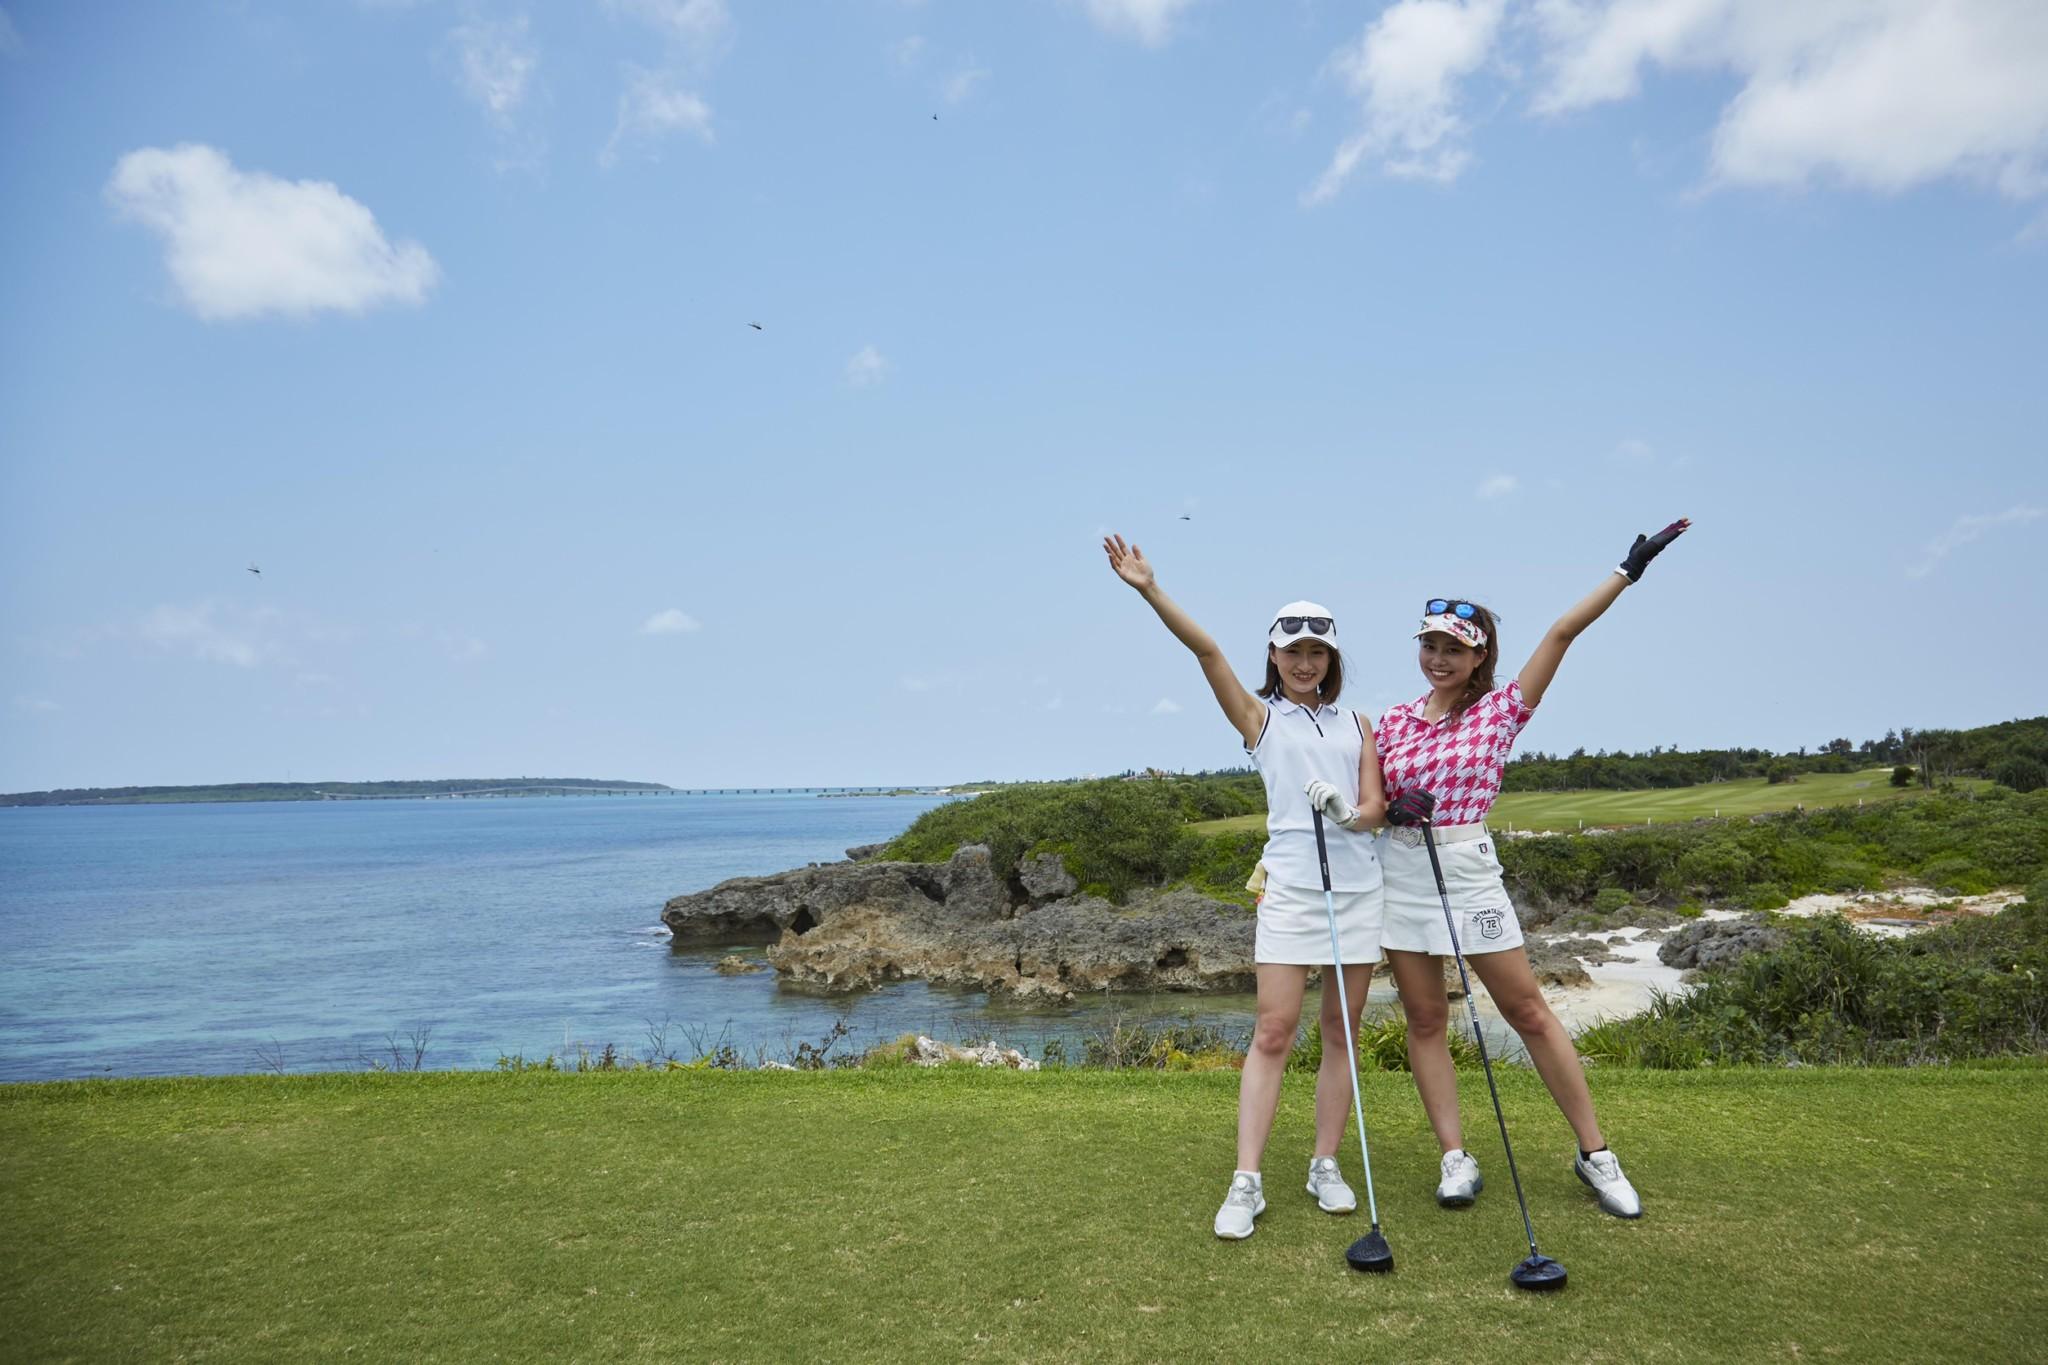 【全国】ゴルフ旅行が楽しめる人気エリア6選。プレーも観光も楽しみたいゴルフ女子は必見!